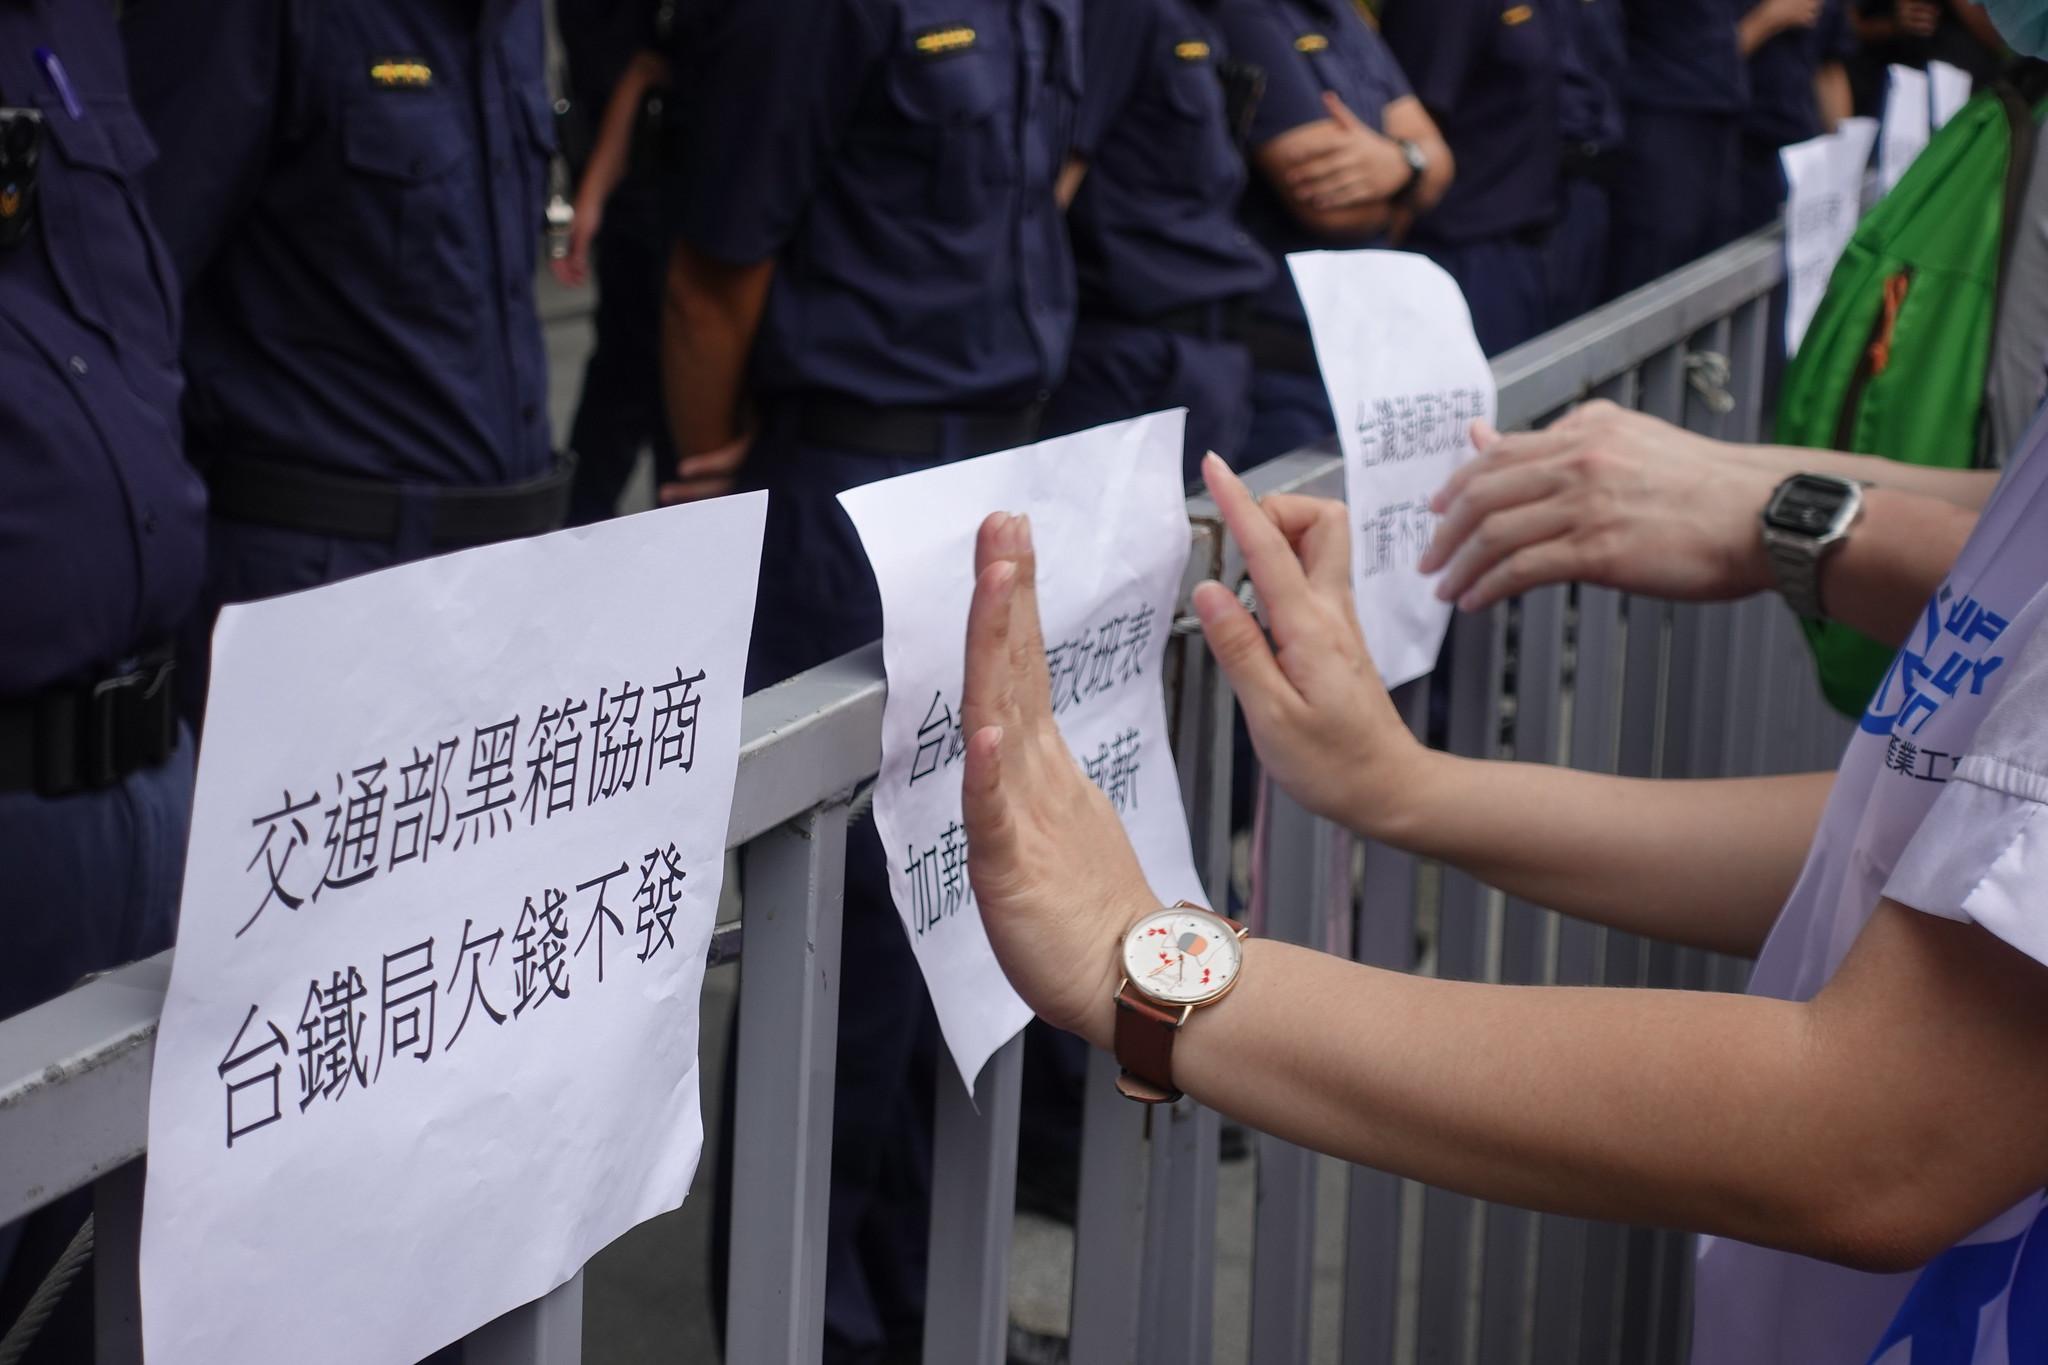 台鐵員工把標語訴求貼在交通部前的柵欄上。(攝影:張智琦)